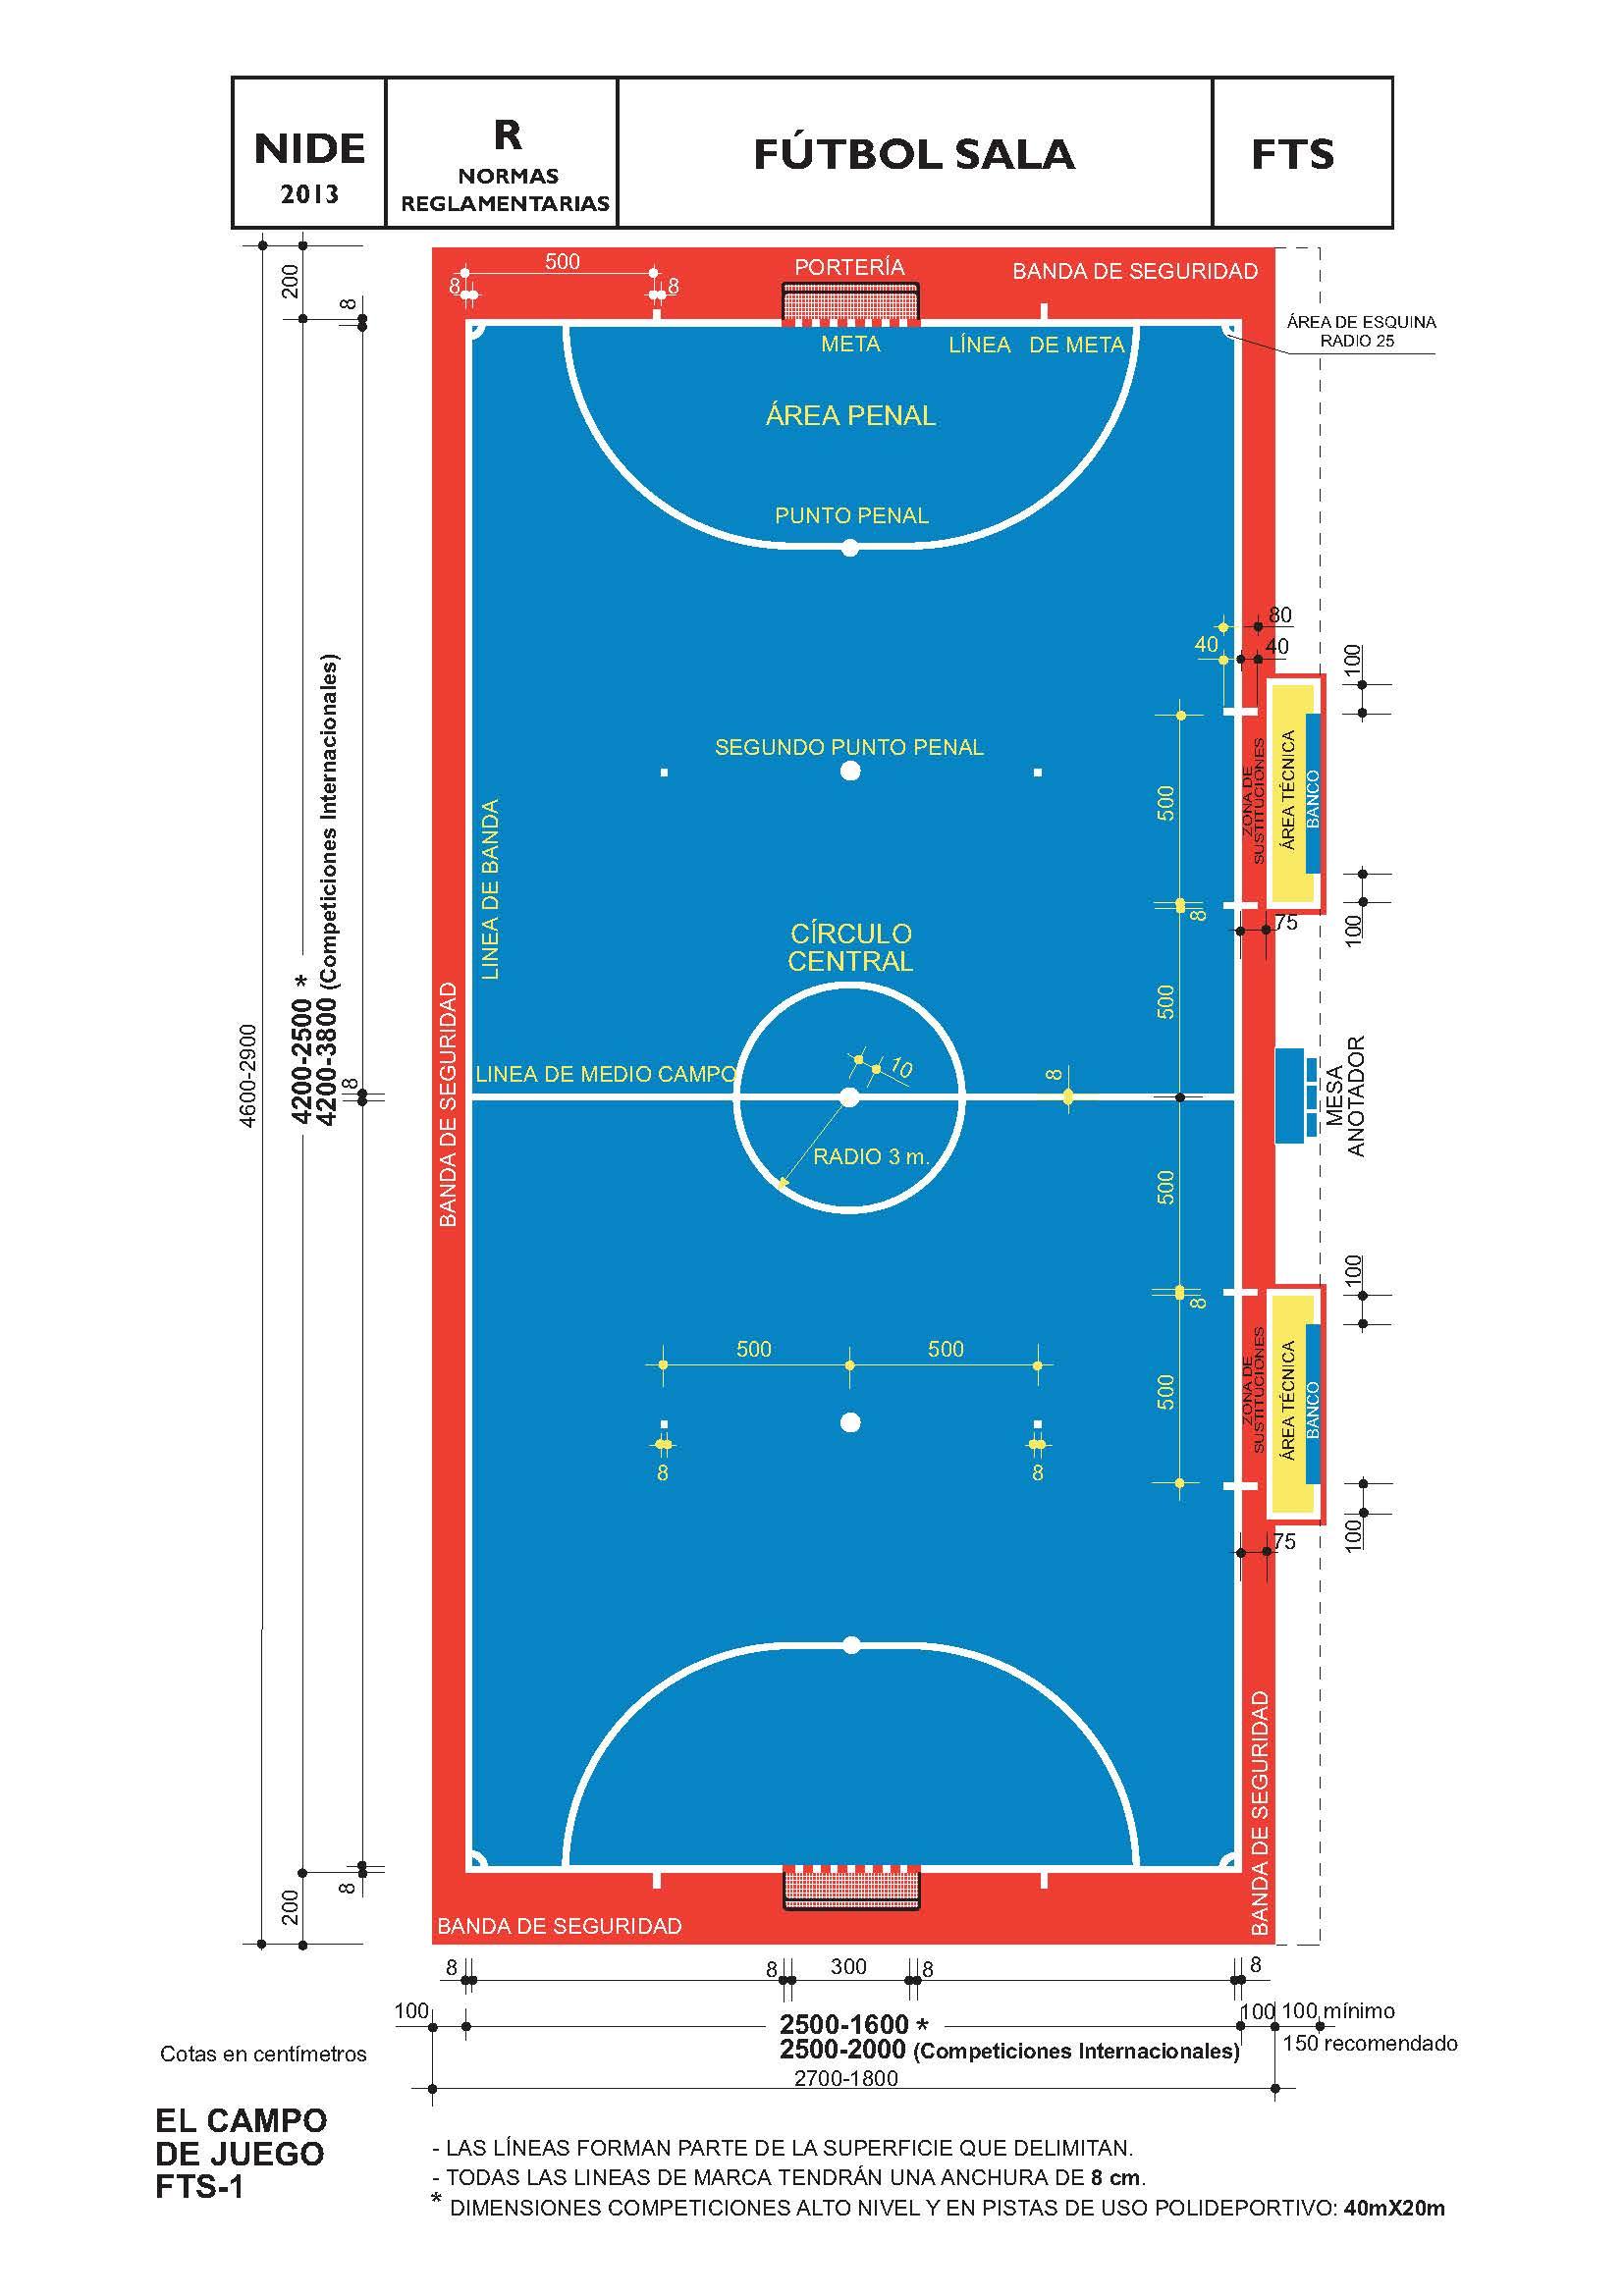 Empresa construcci n pistas deportivas alicante for Pista de futbol sala medidas